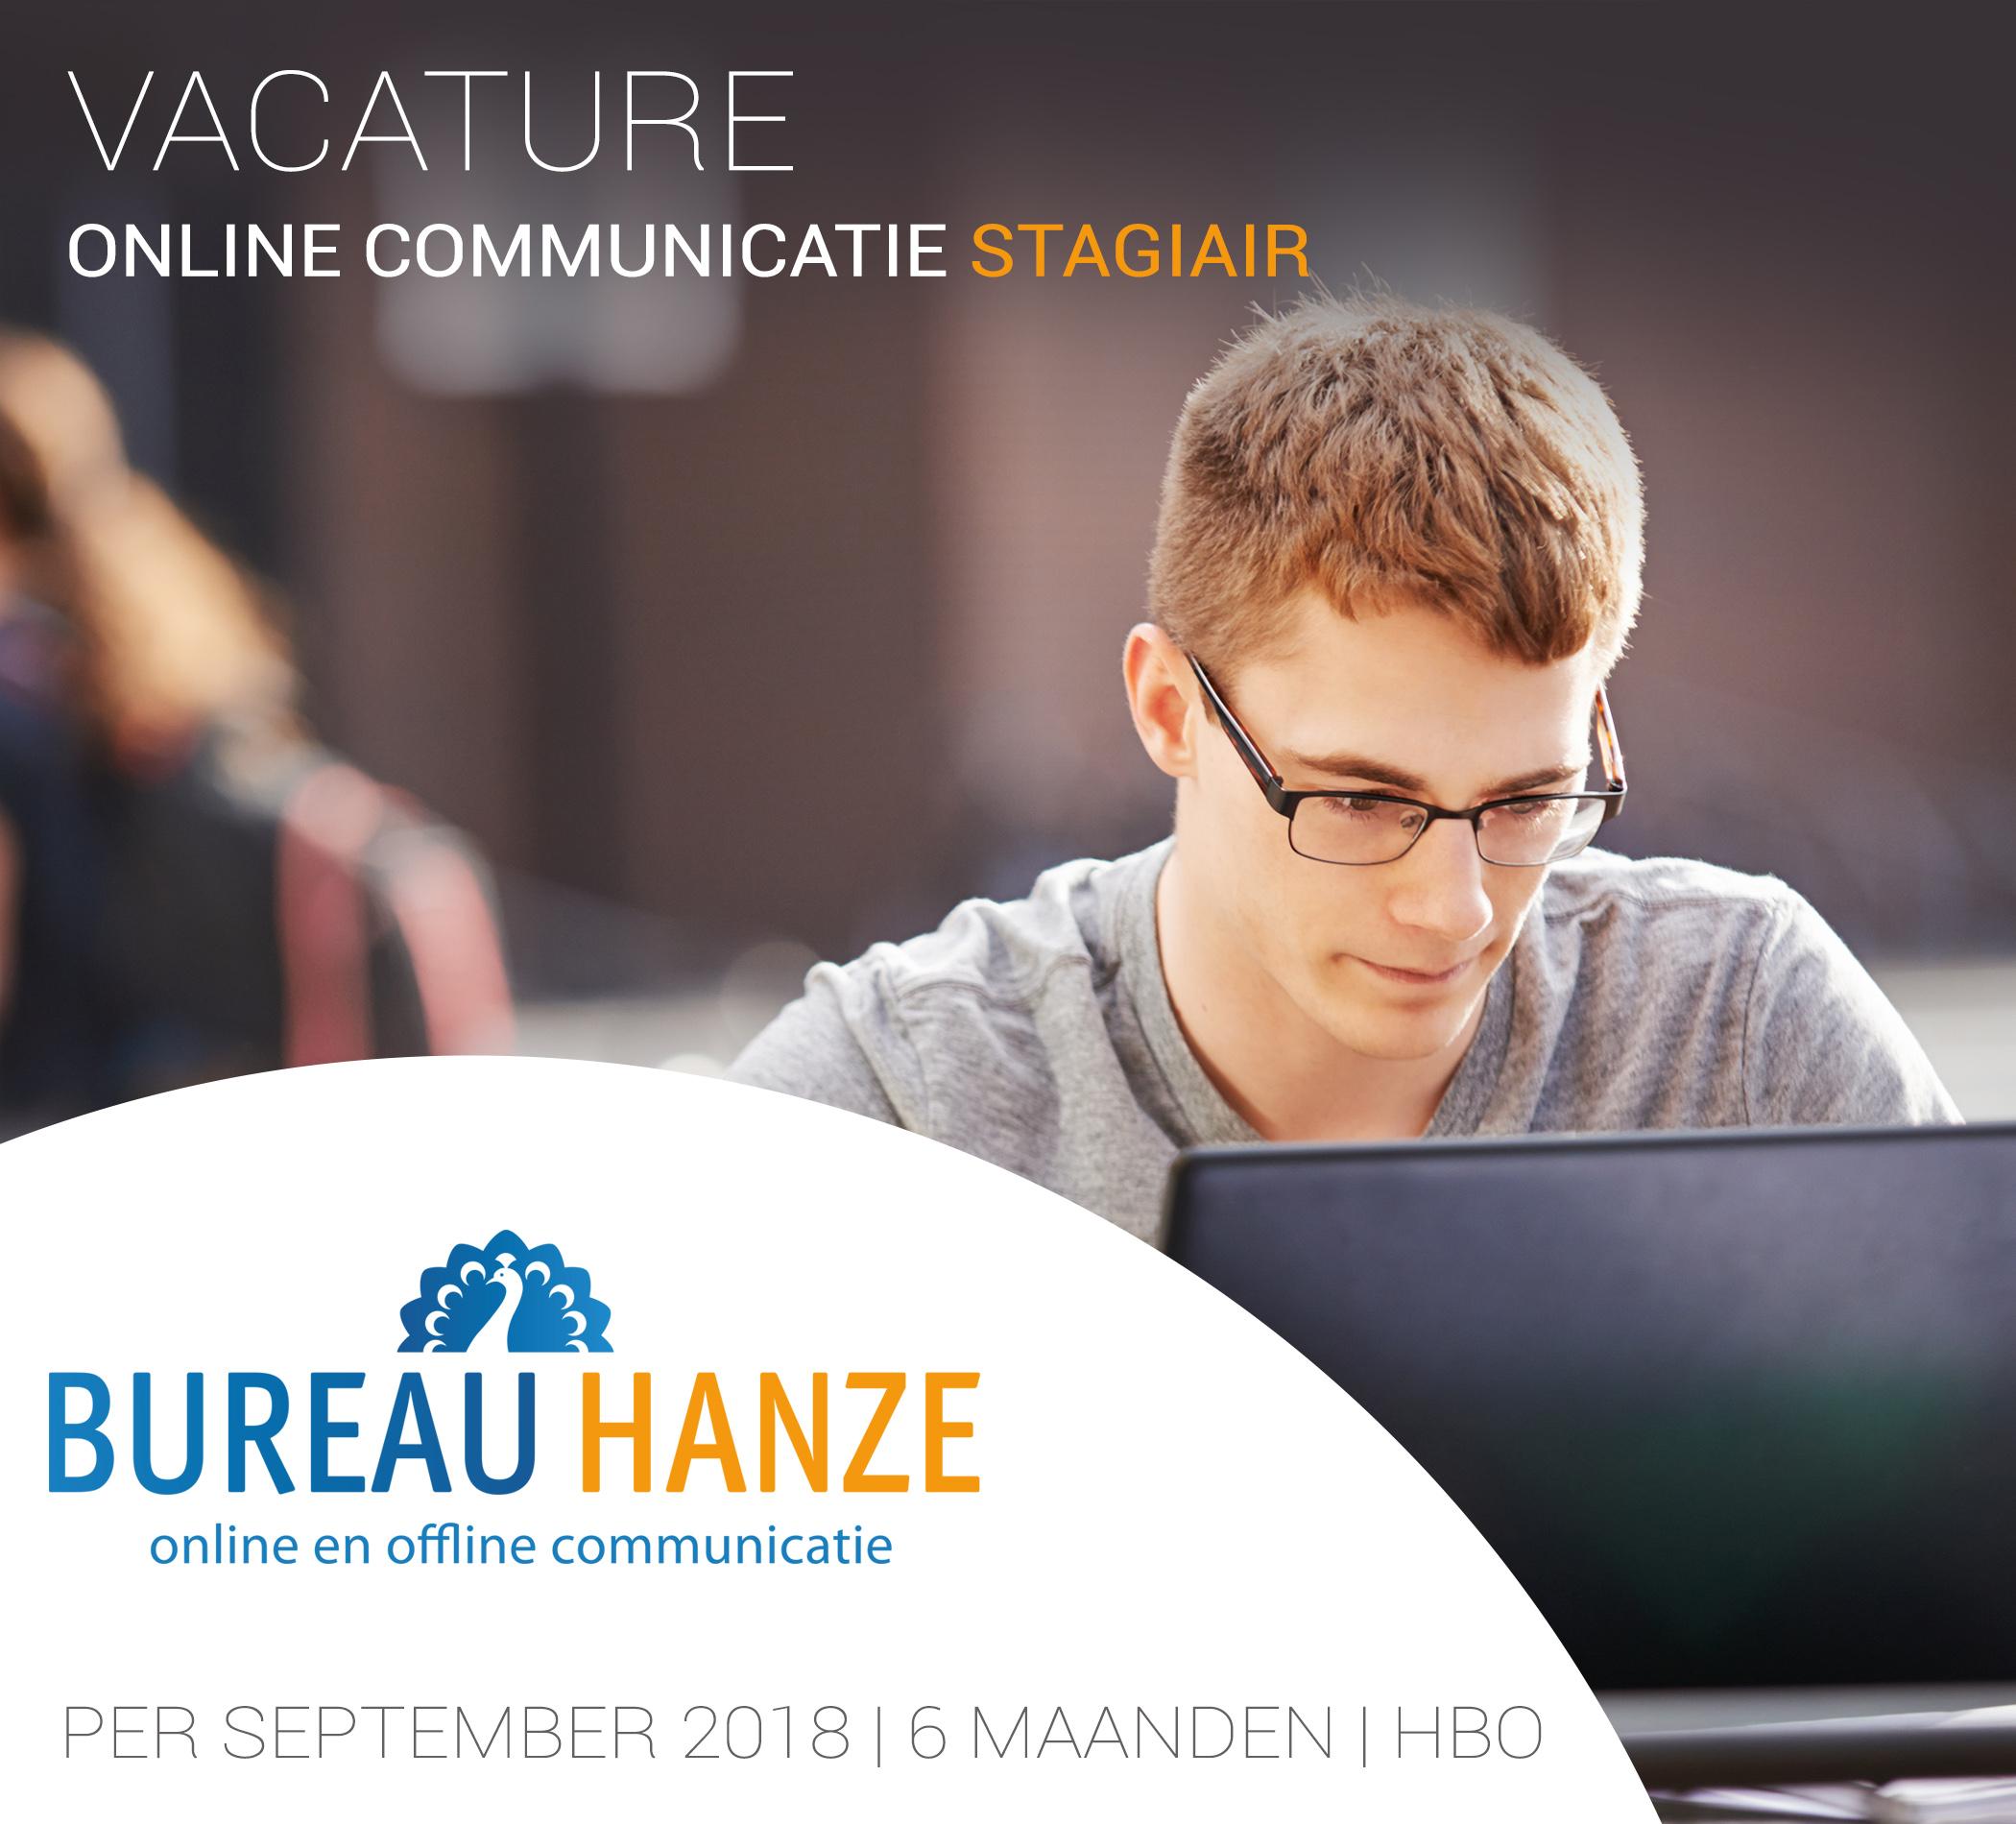 Vacature-BureauHanzev04